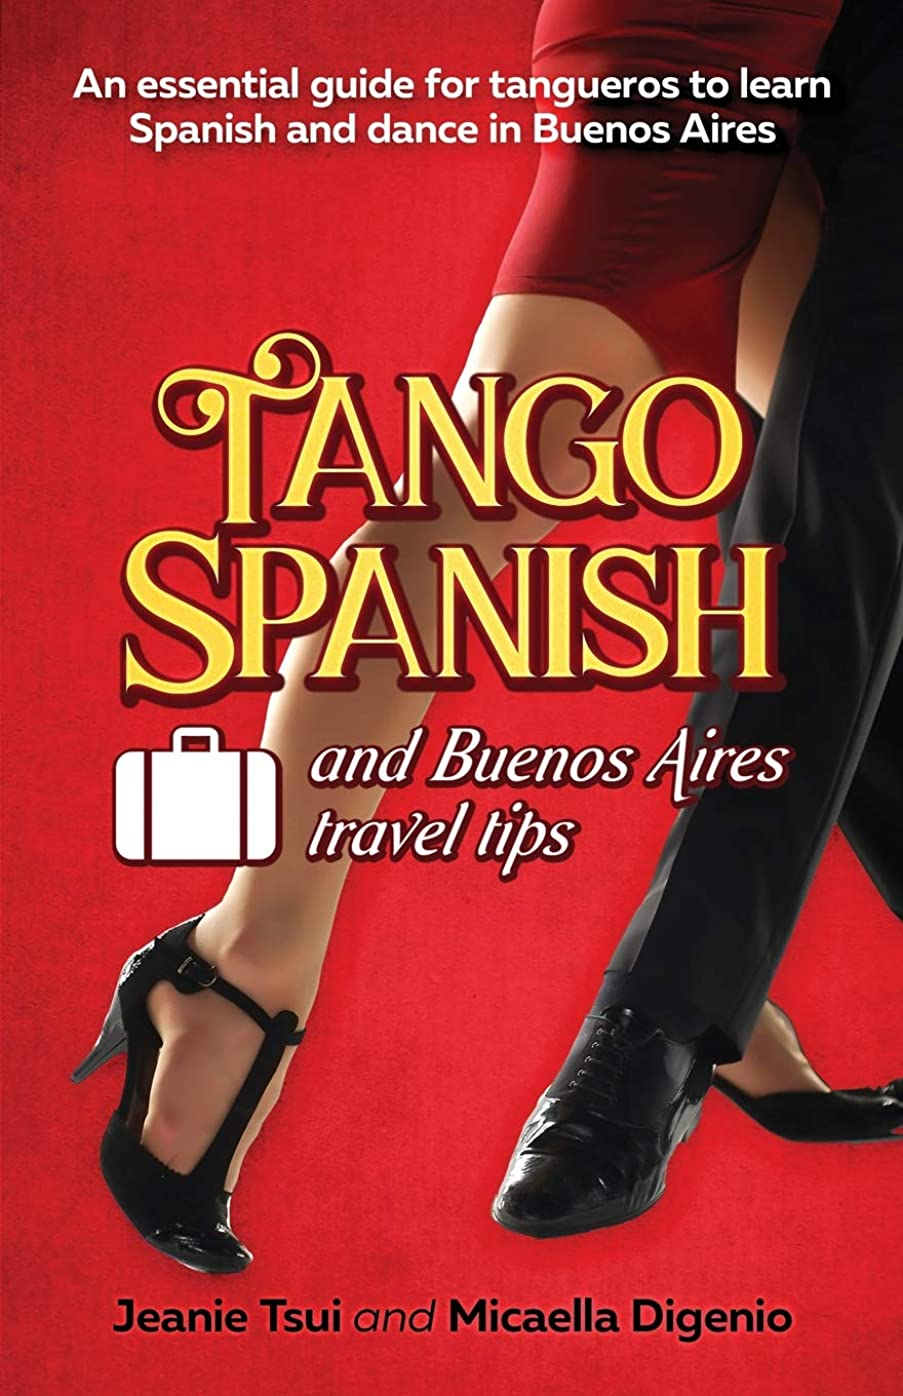 カバーカブ労働者Tango Spanish and Buenos Aires Travel Tips: An essential guide for tangueros to learn Spanish and dance in Buenos Aires